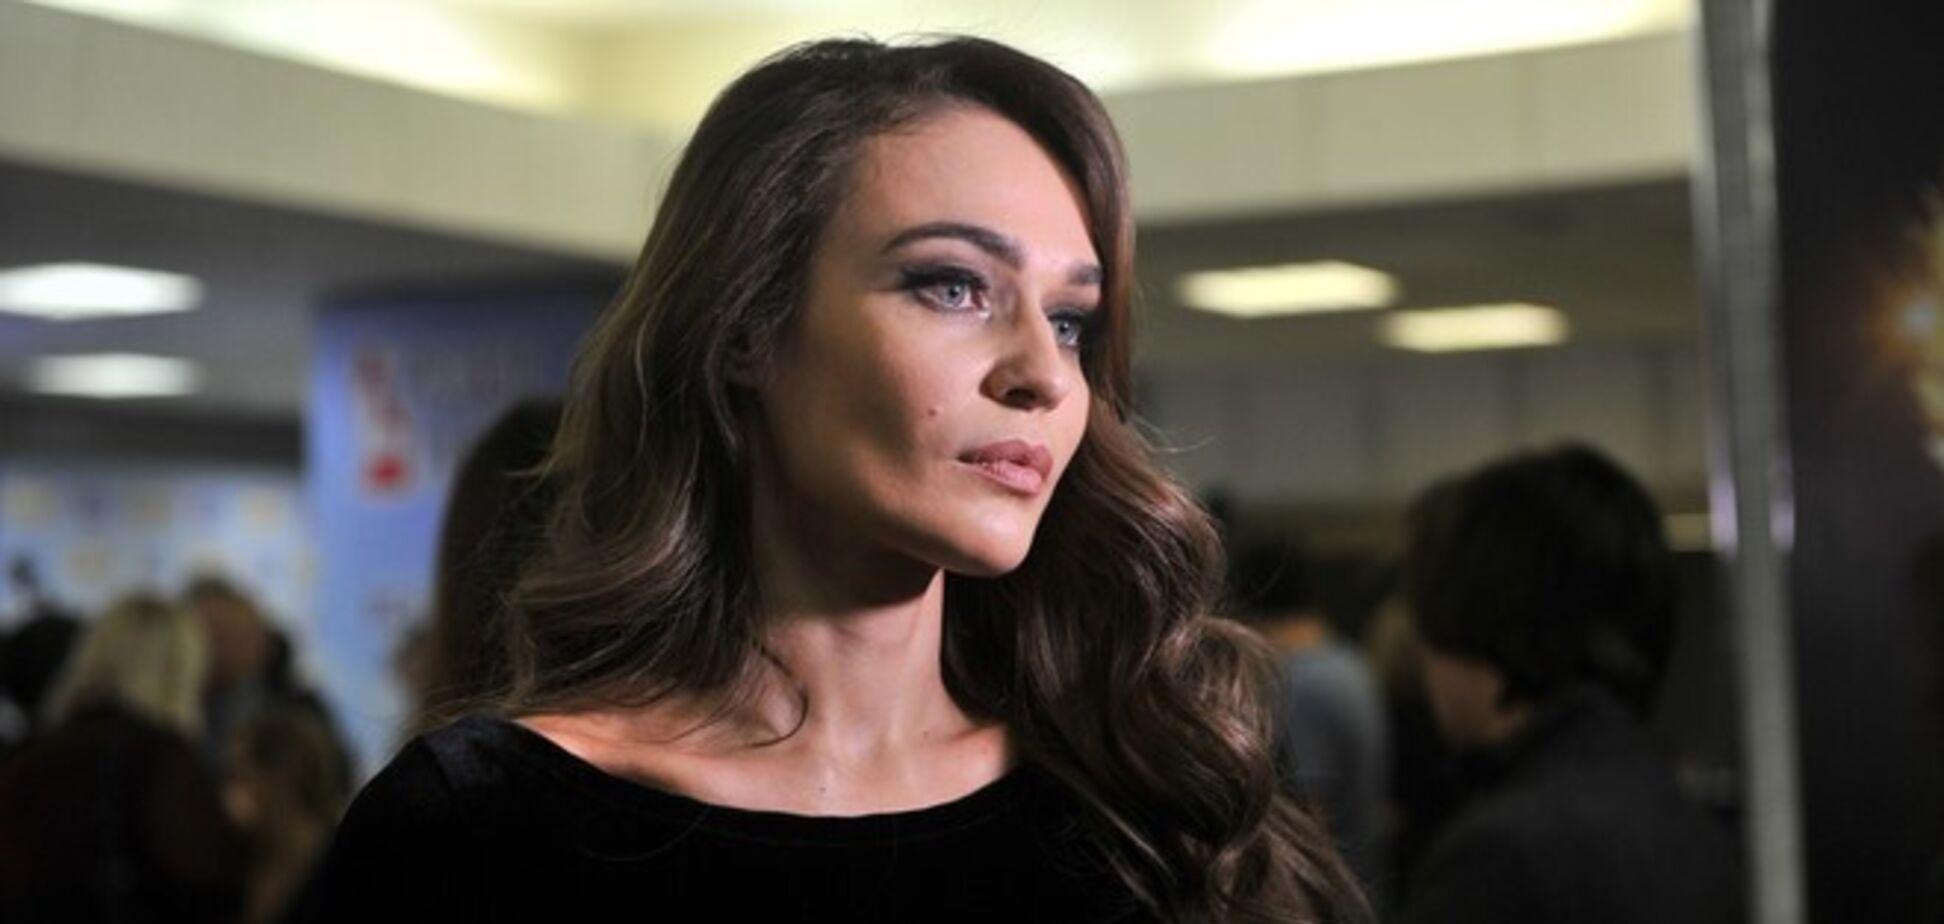 'Здесь долго будет ж*па': звезда 'Дом-2' вызвала ажиотаж в сети постом о России